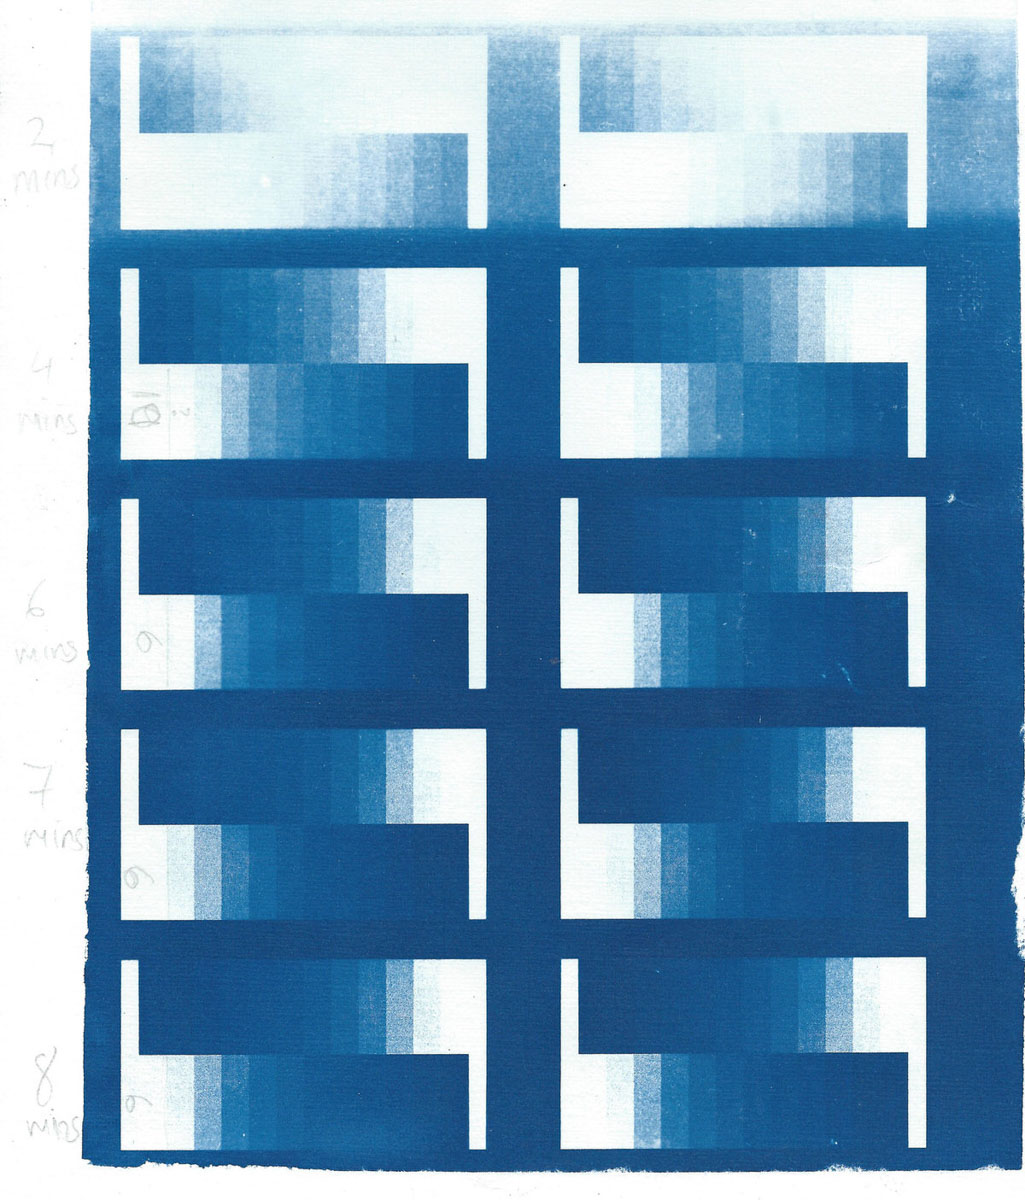 UV LED Box - Test Strip